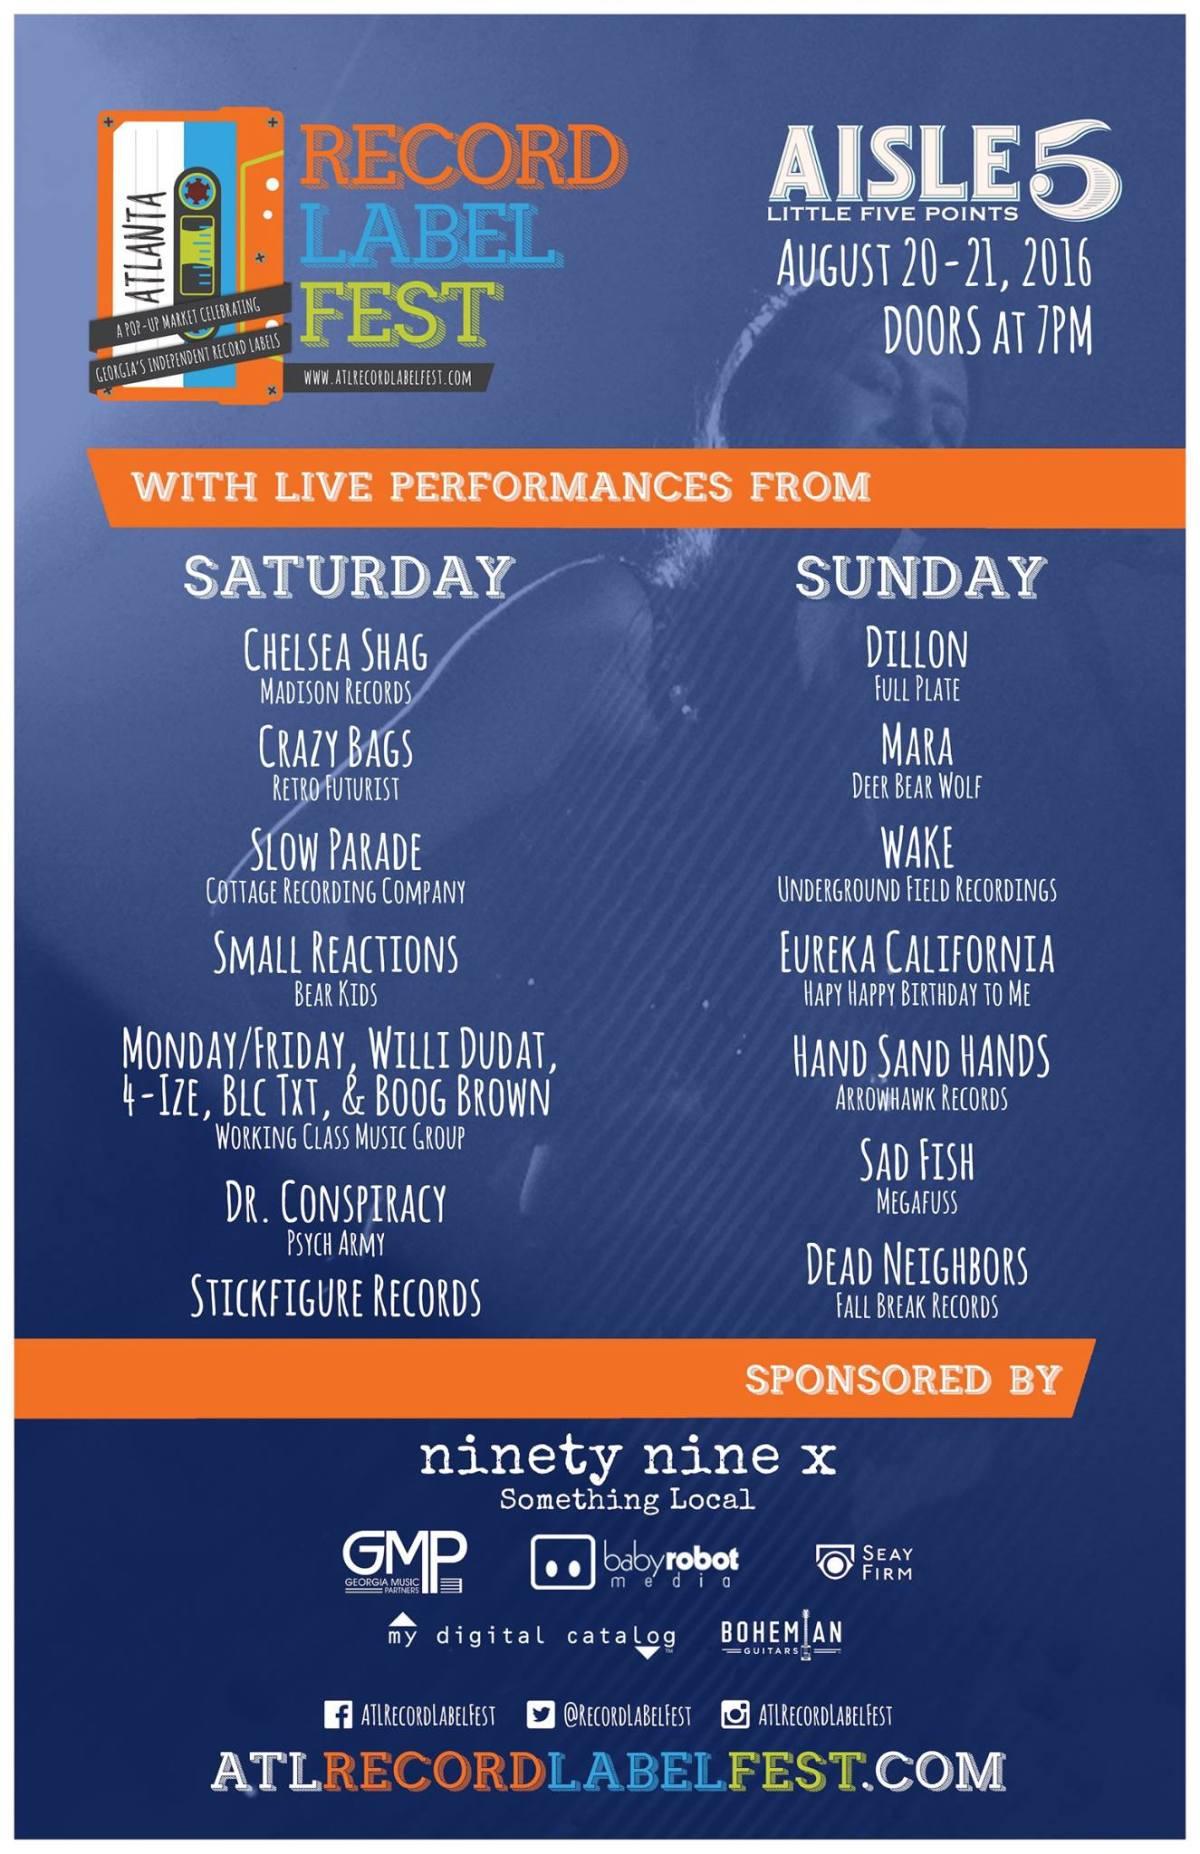 Atlanta Record Label Fest 2016 lineup